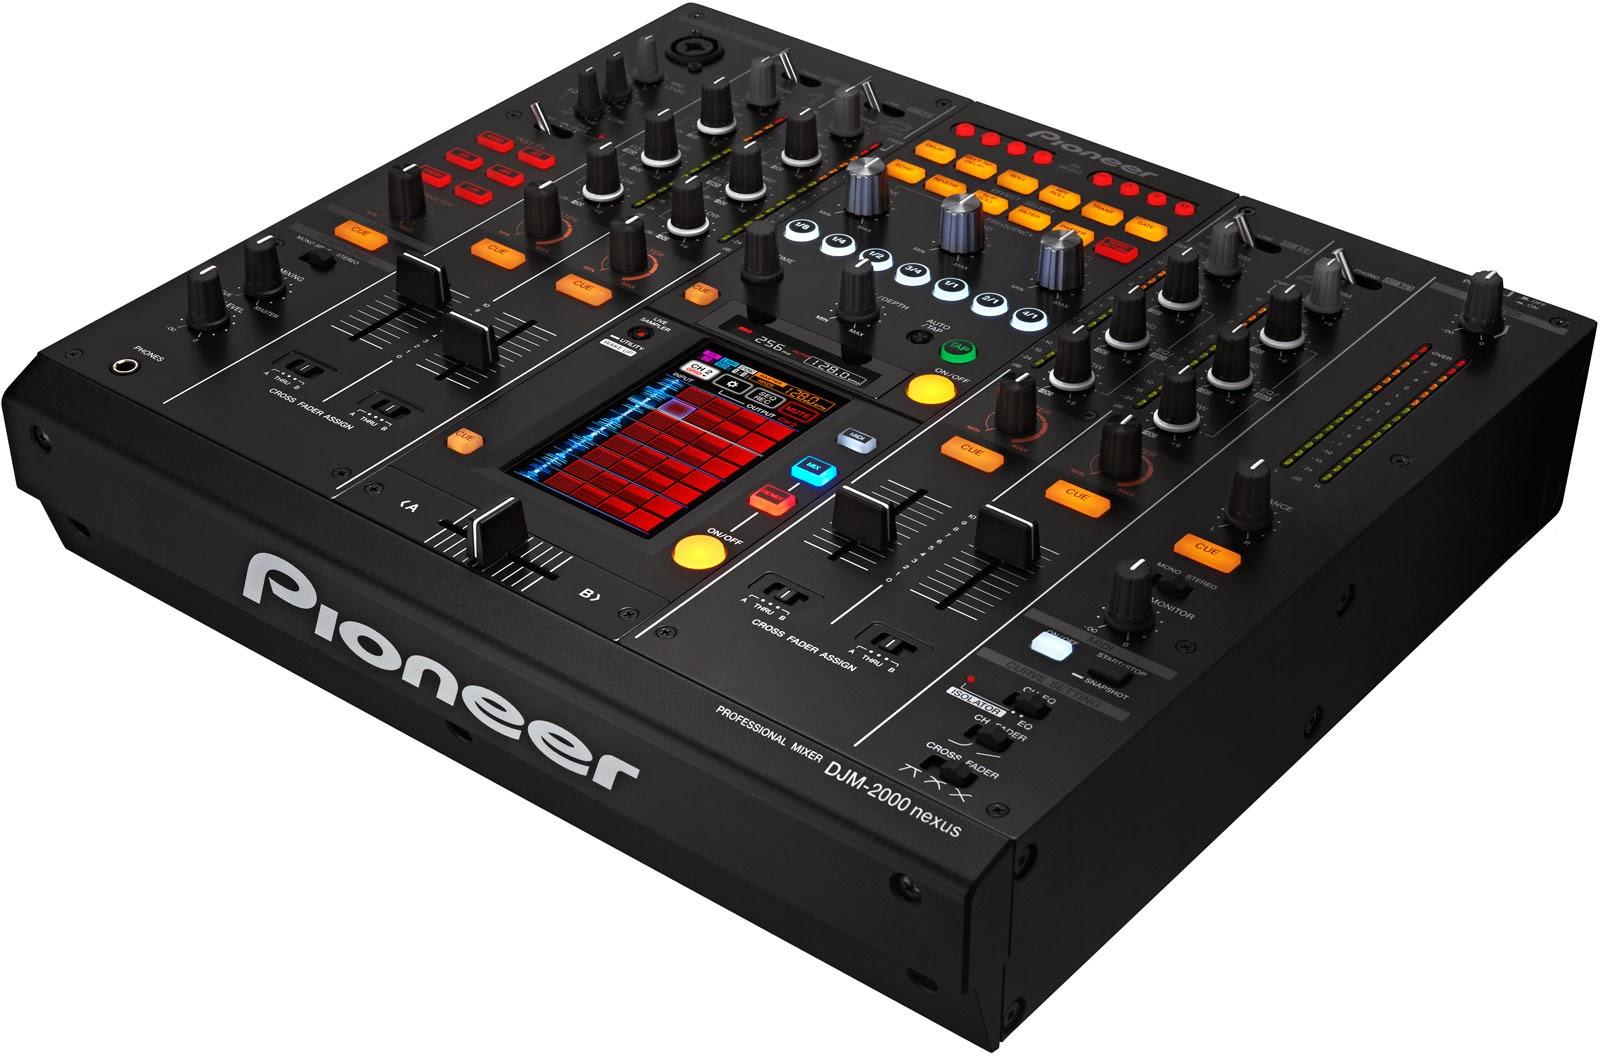 Techno maniac s 7 de los mejores mezcladores para dj - Mesa dj pioneer ...